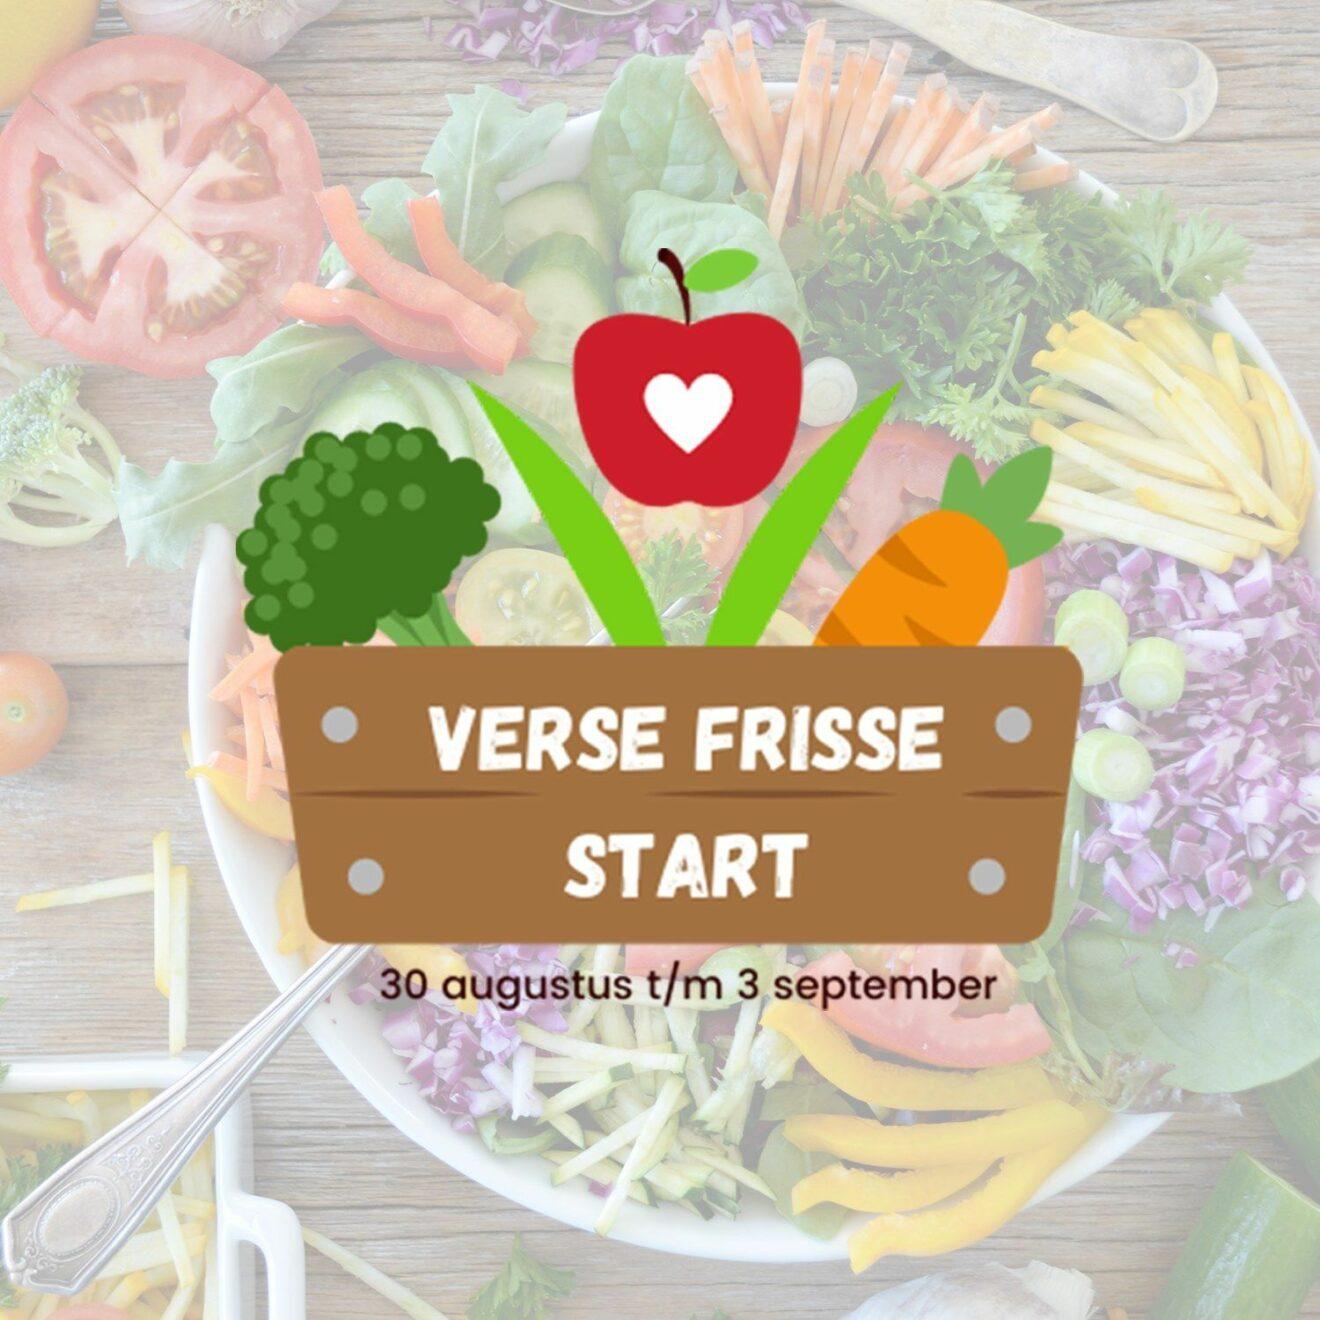 Verse frisse start met groente en fruit